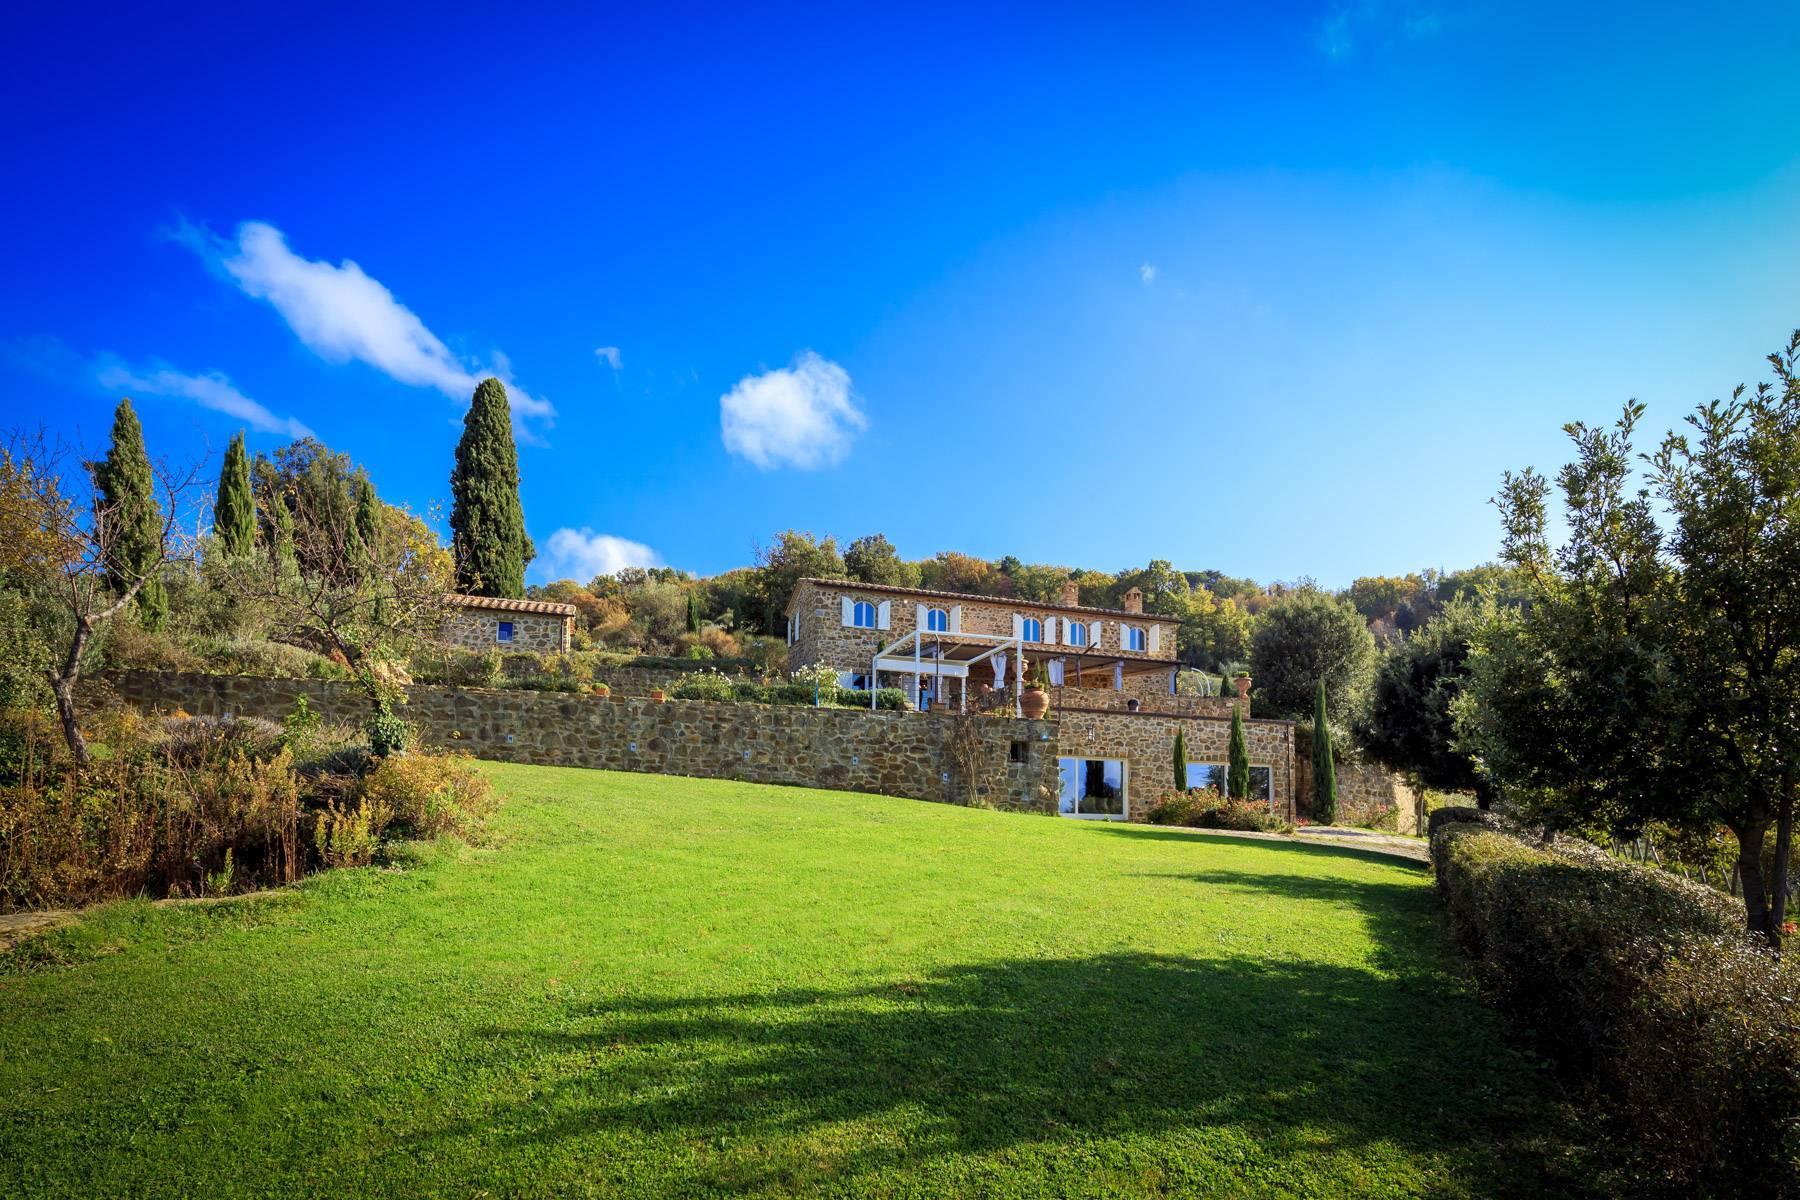 Magnifique ferme récemment rénovée près de Montalcino - 1